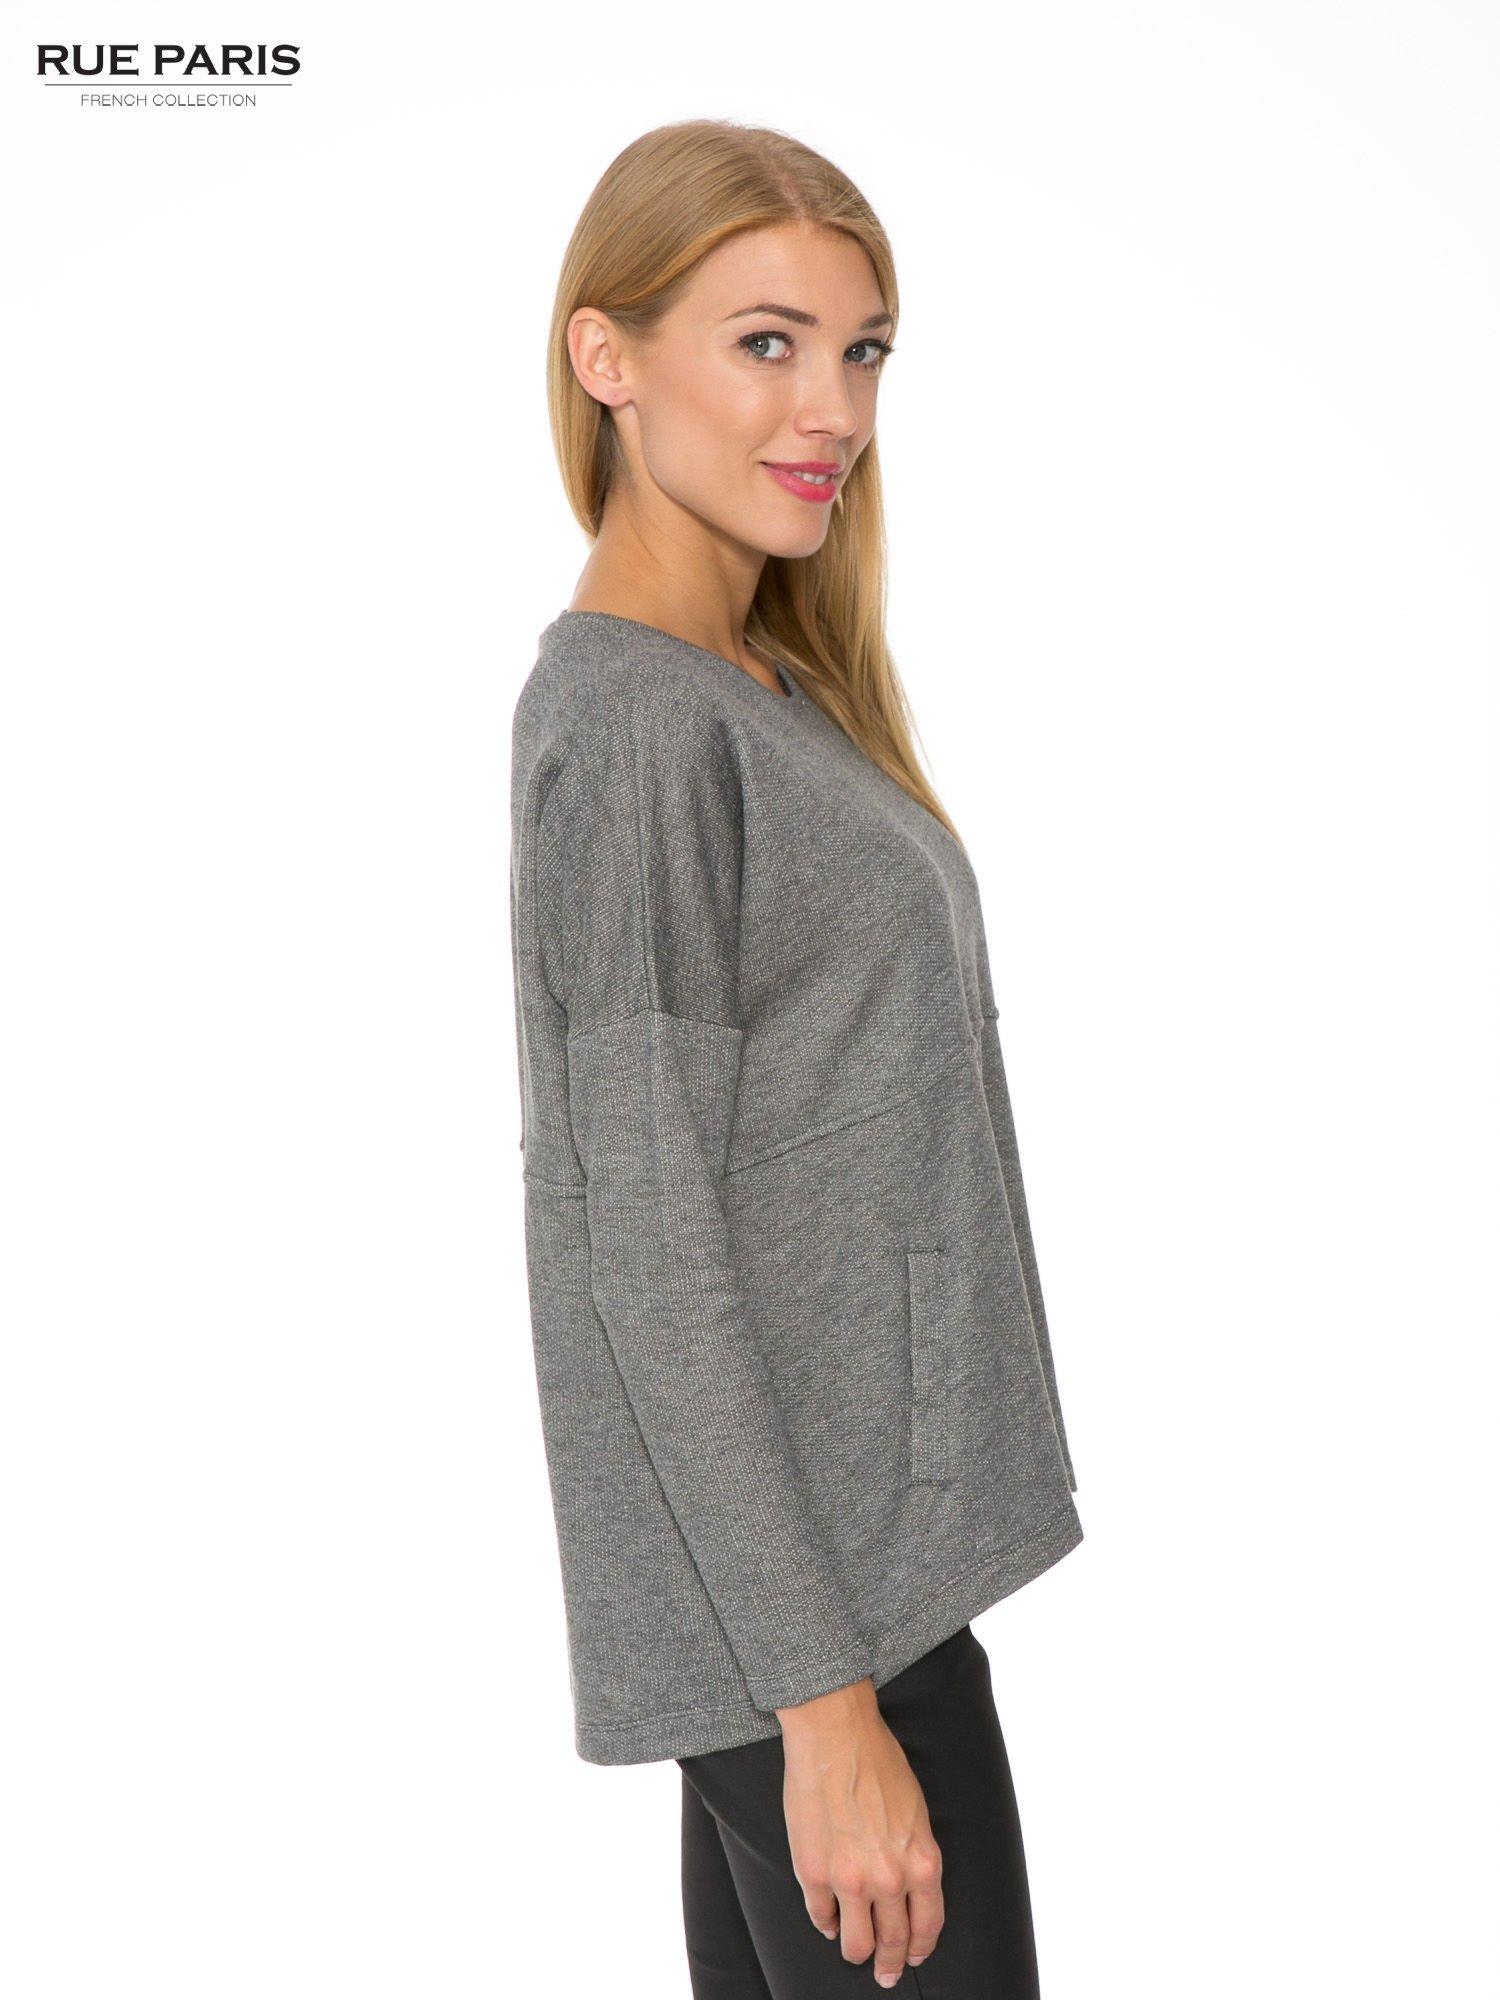 Szara dresowa bluza oversize z kieszeniami                                  zdj.                                  3